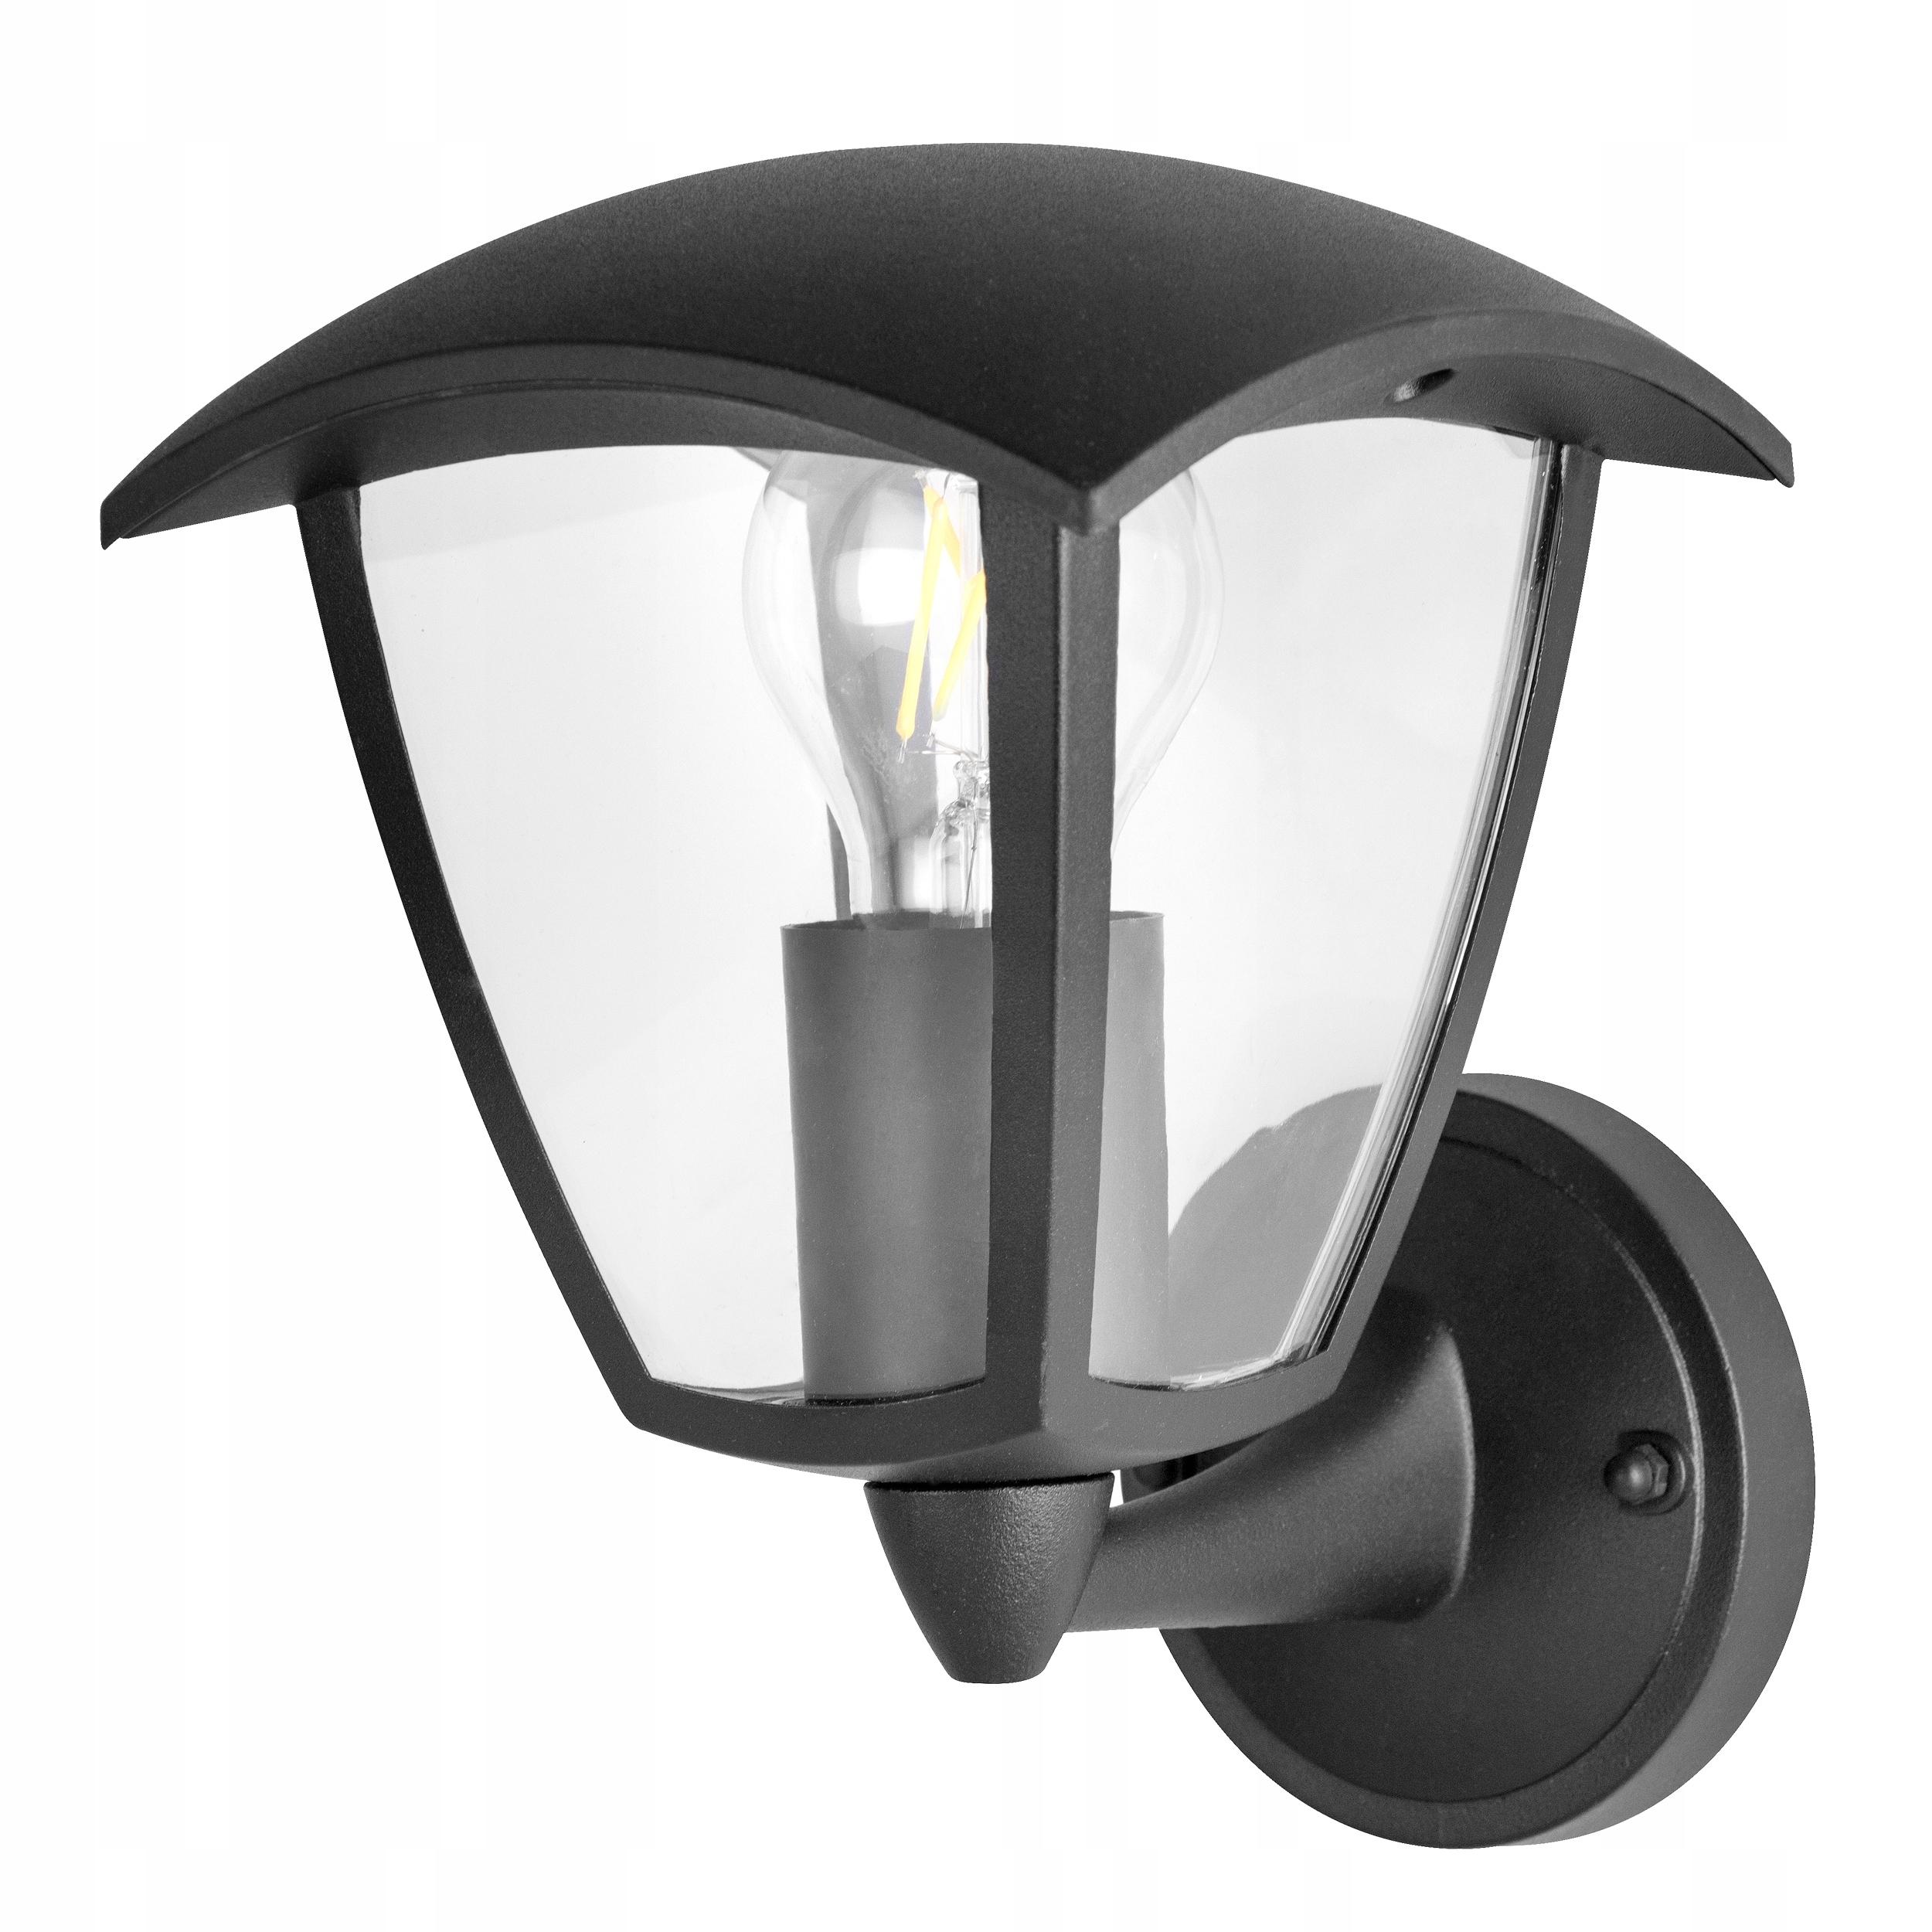 Lampy Záhradné Lampy Vonkajšie Hornej BLACK LED